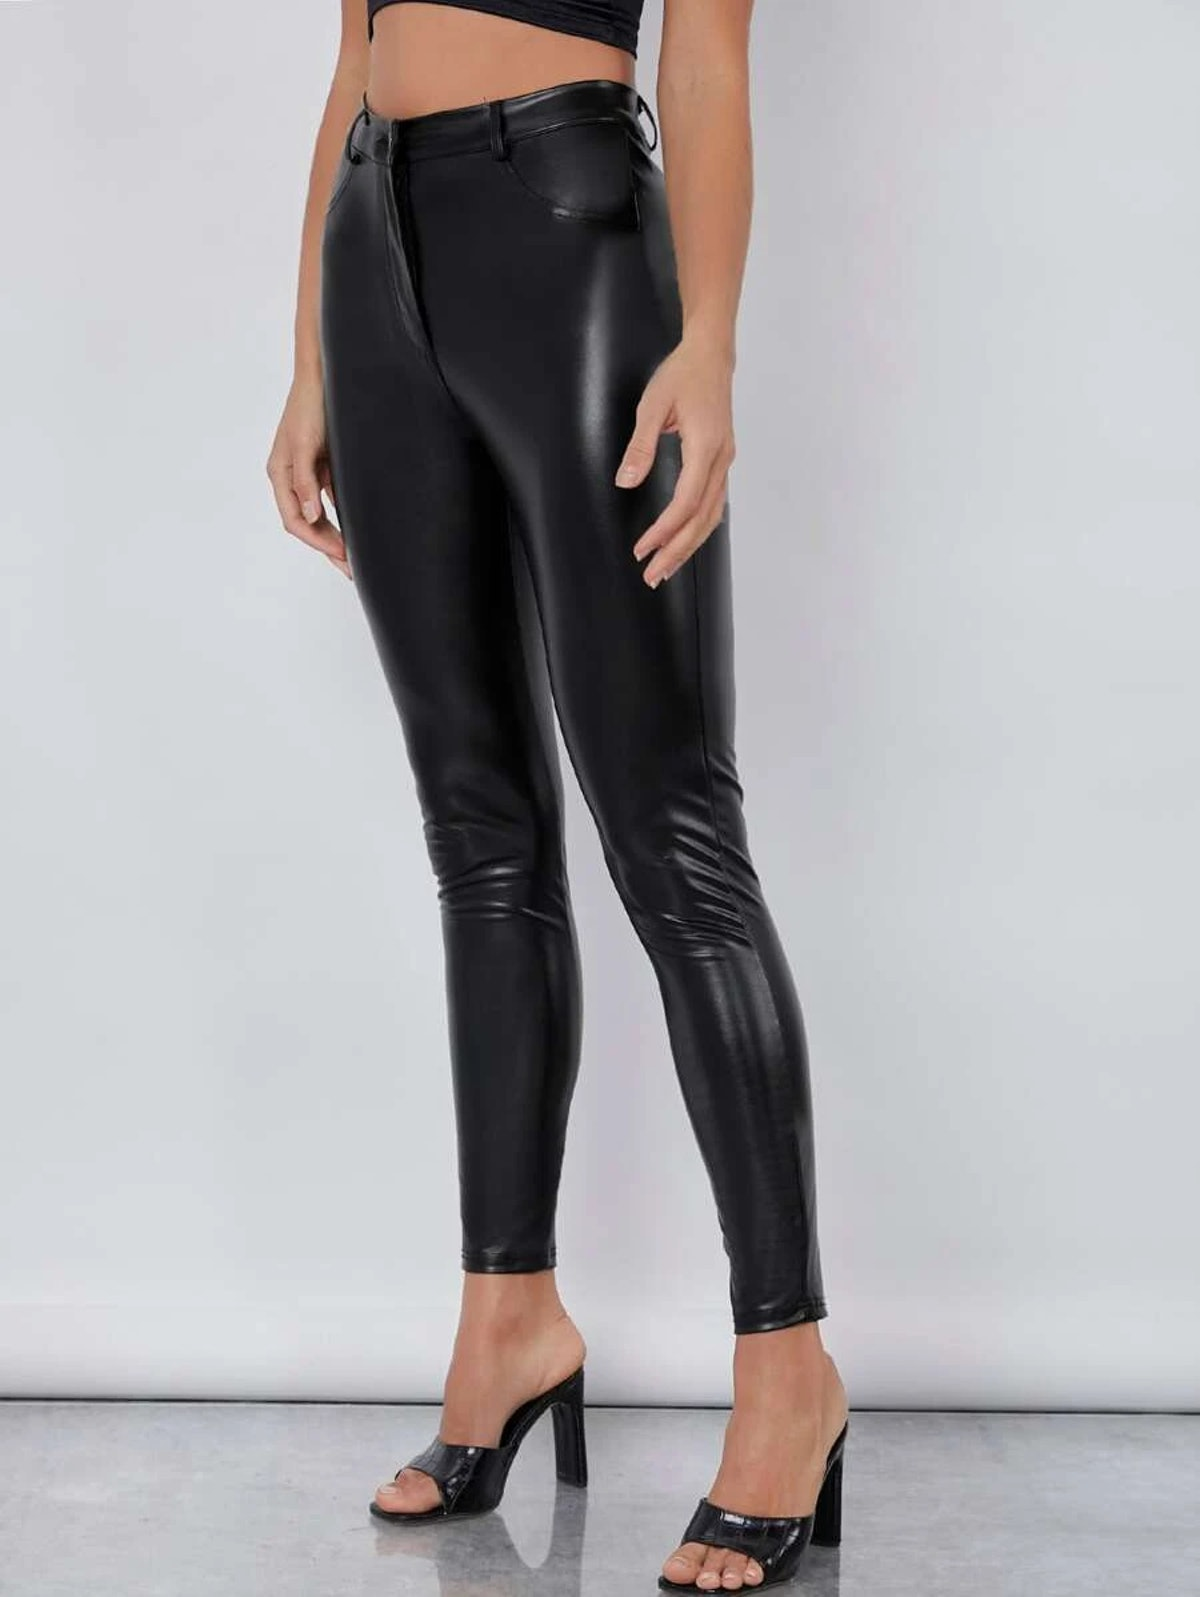 SHEIN BASICS High Waist PU Leather Skinny Pants